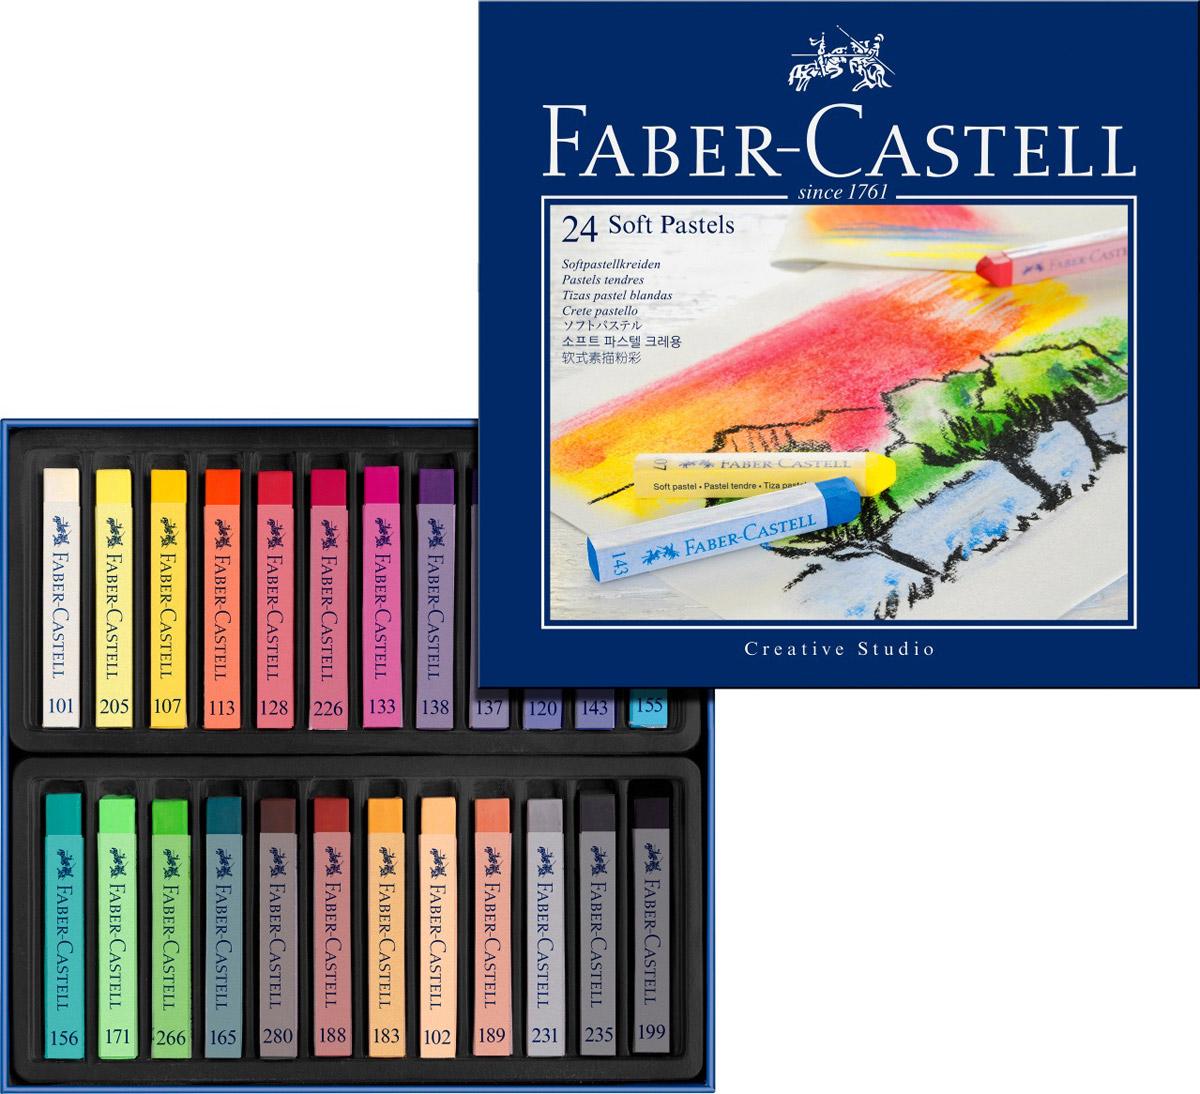 Мягкие мелки Faber-Castell Studio Quality Soft Pastels, 24 штPP-220Набор Faber-Castell Studio Quality Soft Pastels содержит мягкие мелки квадратной формы 24 ярких насыщенных цветов. Каждый мелок обернут в бумажную гильзу. Мелки великолепного качества не крошатся при работе, обладают отличными кроющими свойствами, обеспечивают хорошее сцепление с поверхностью, яркость и долговечность изображения. Мягкими мелками Faber-Castell Studio Quality Soft Pastels можно рисовать в любой технике, сочетая их с цветными карандашами и красками.